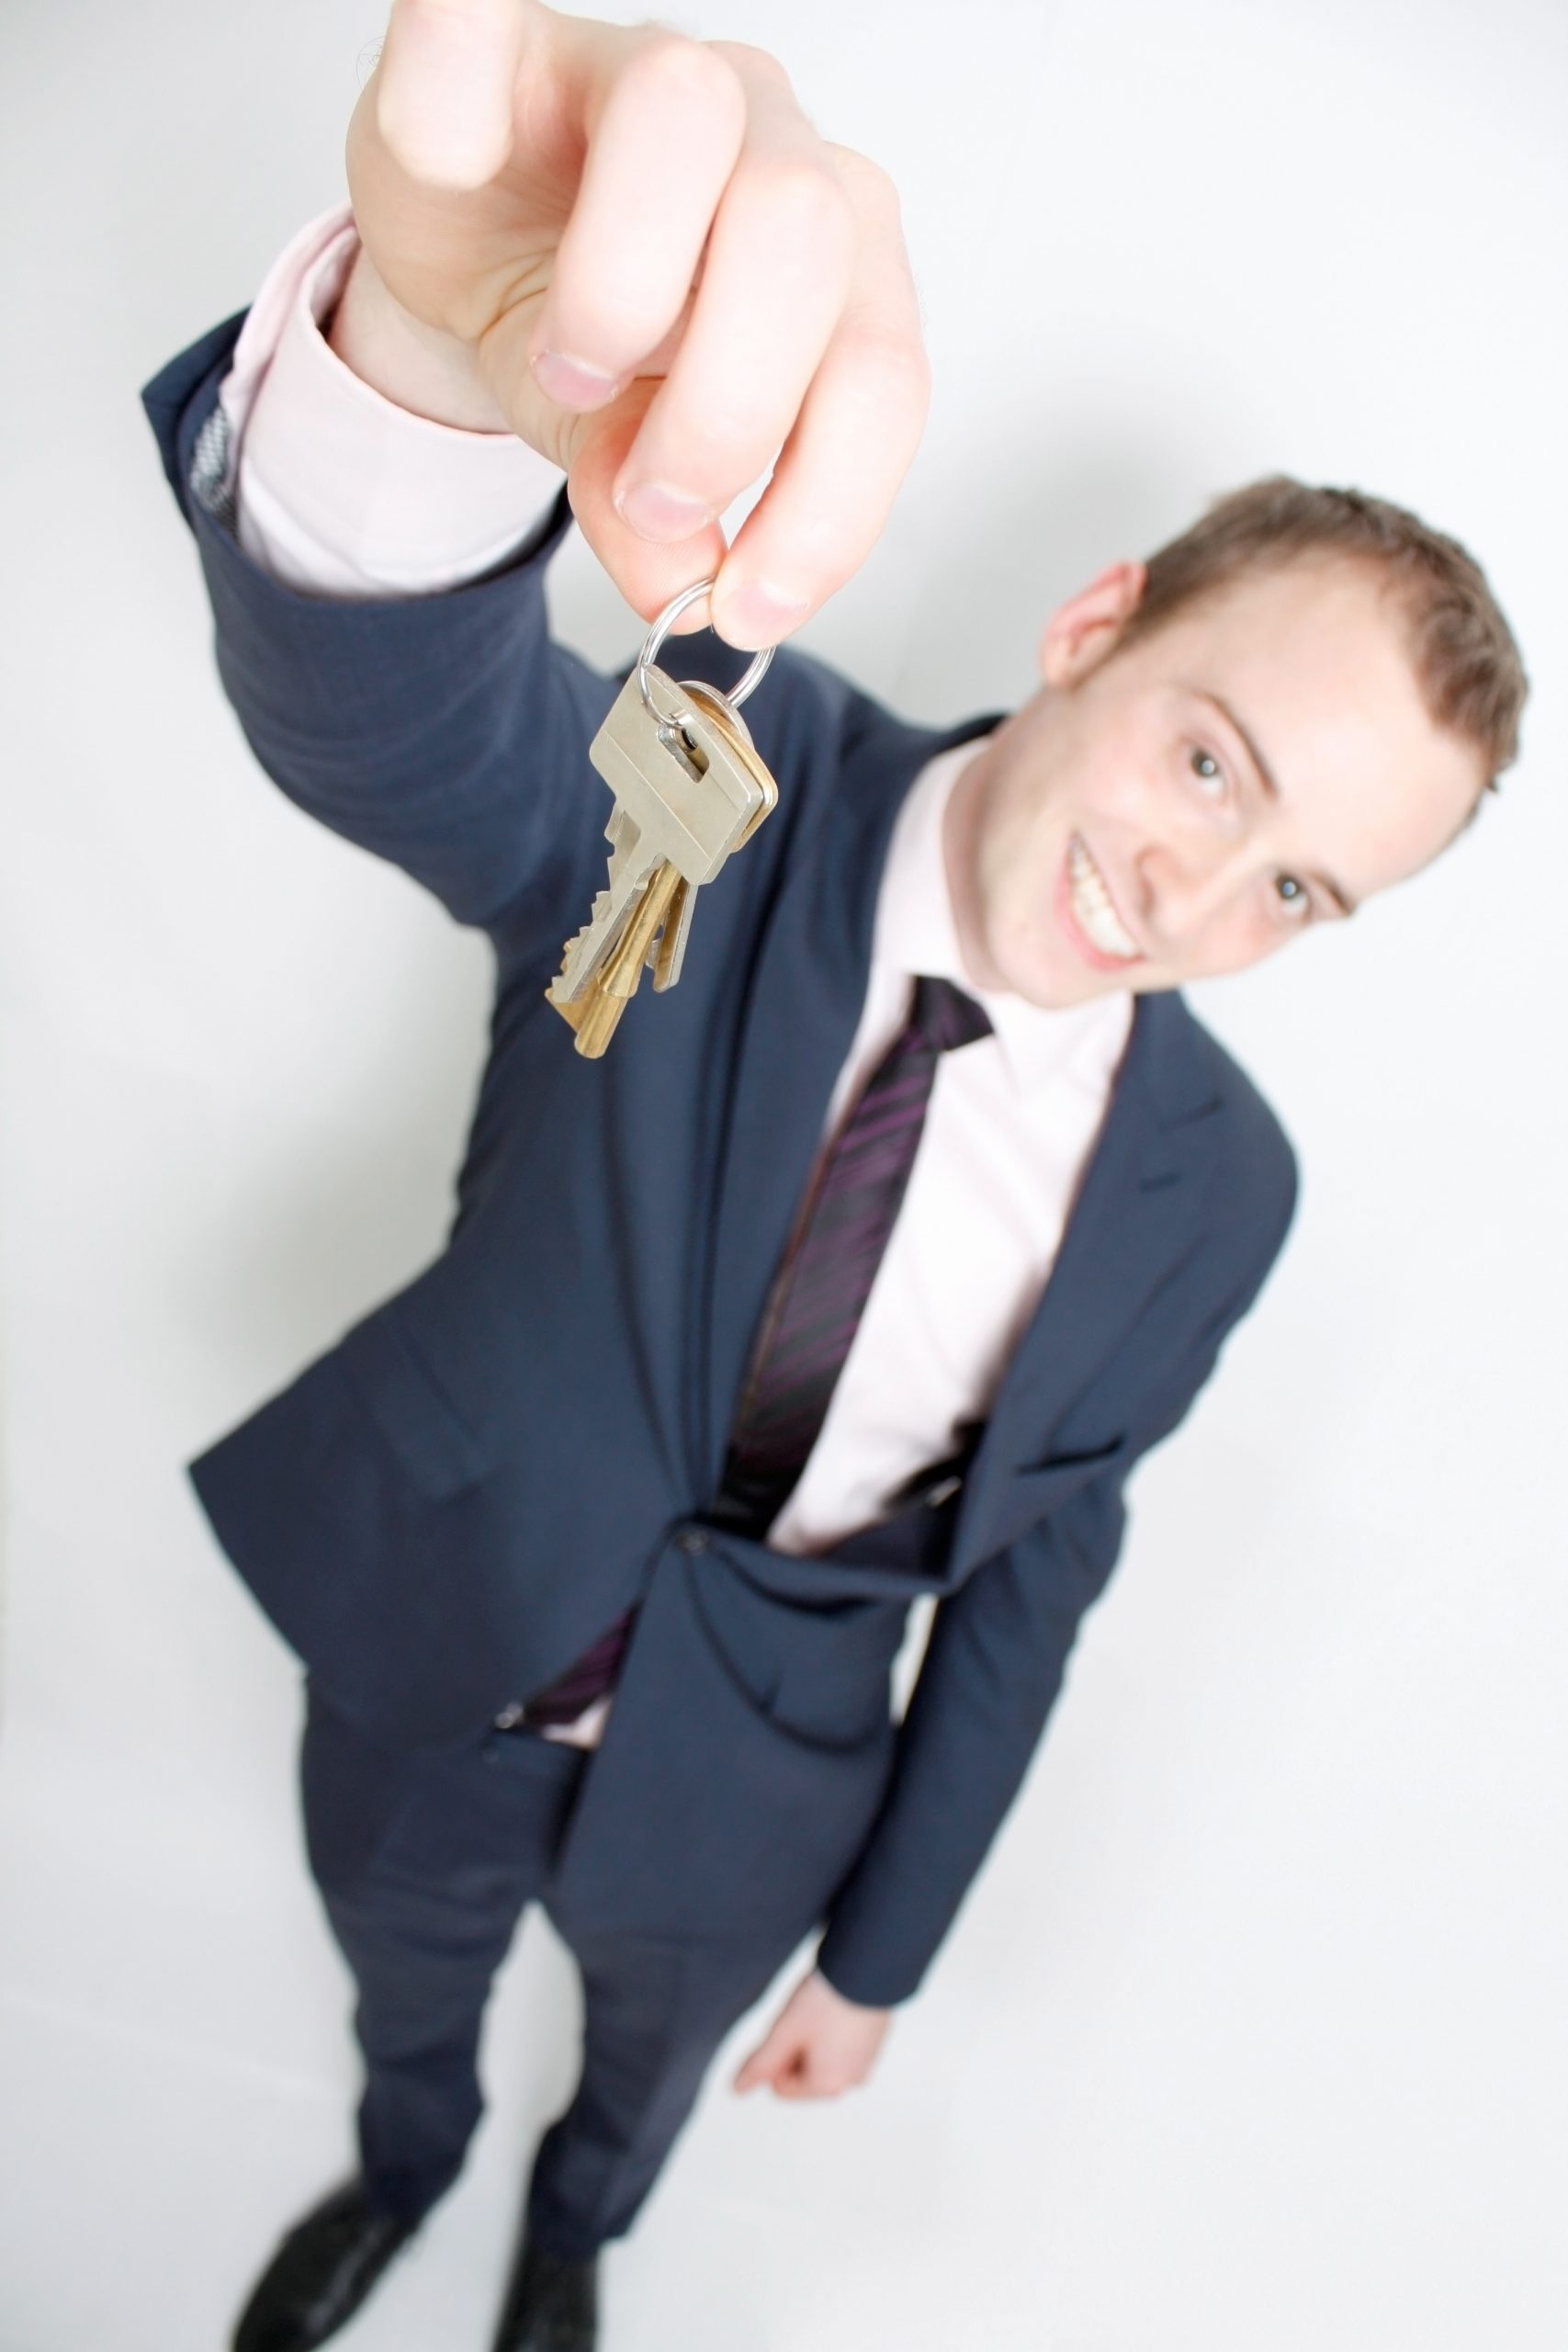 Nouvel indice d'évaluation pour les prêteurs hypothécaires : Indice de résilience FICO